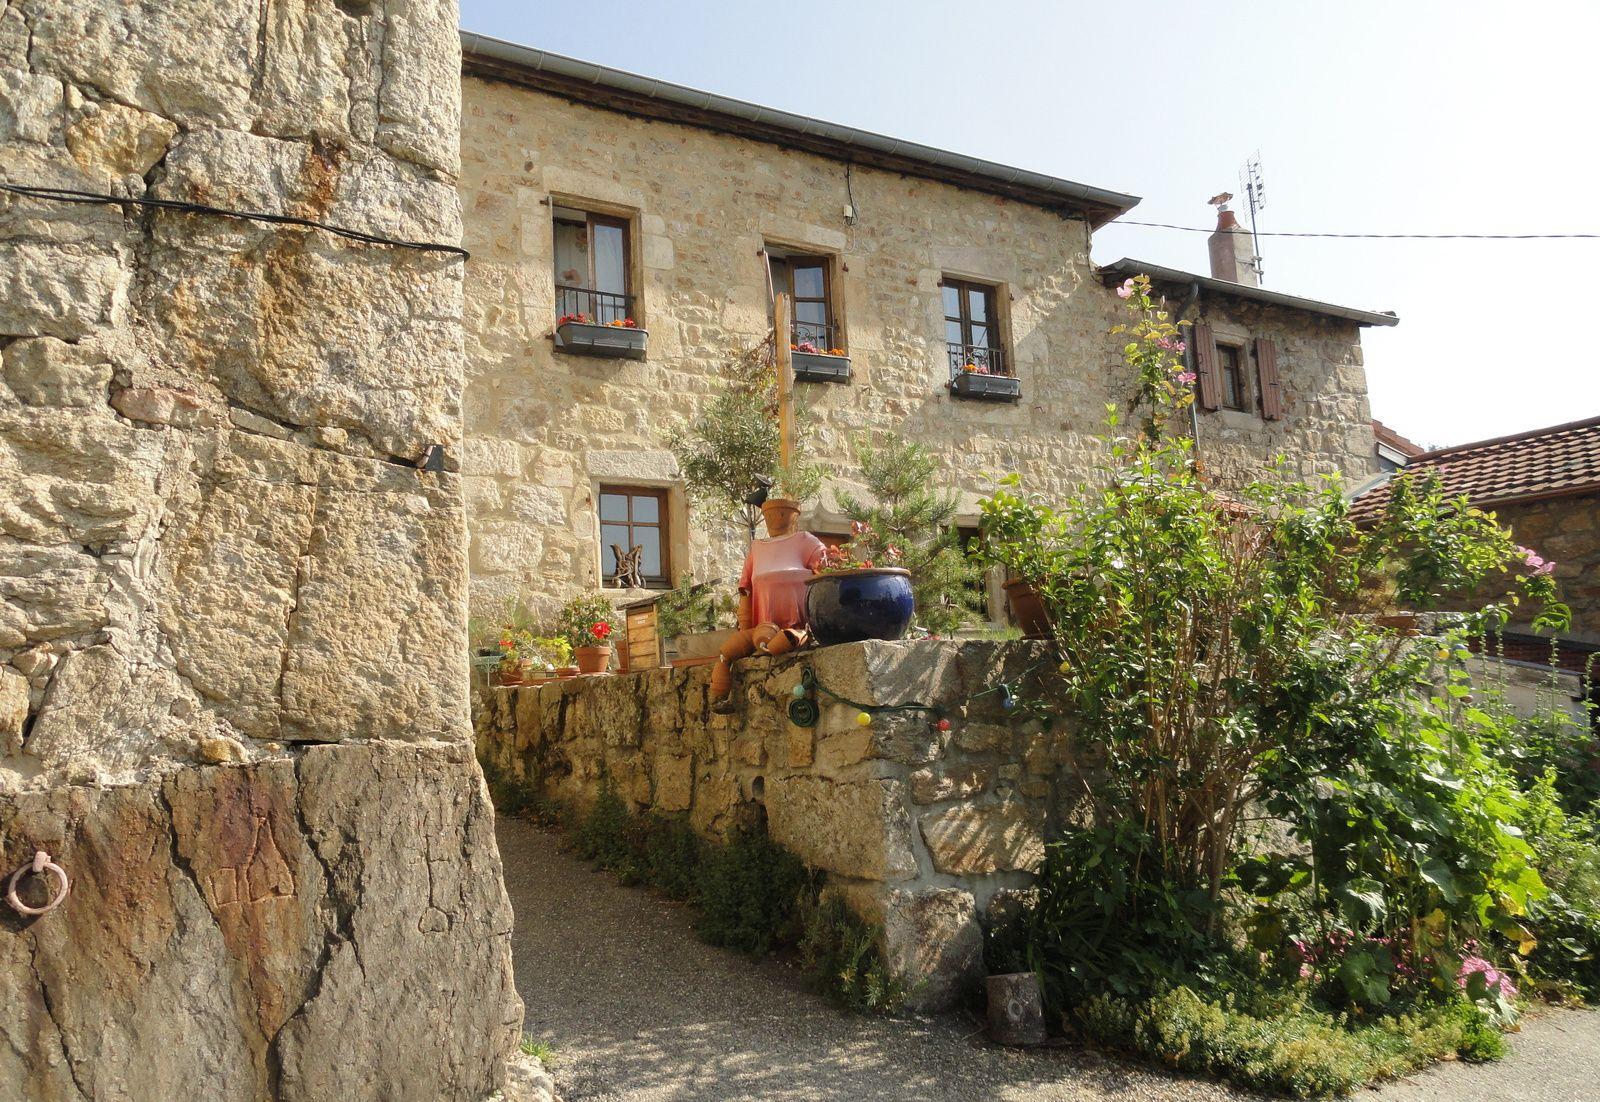 Départ du joli village de St Symphorien de Mahun.